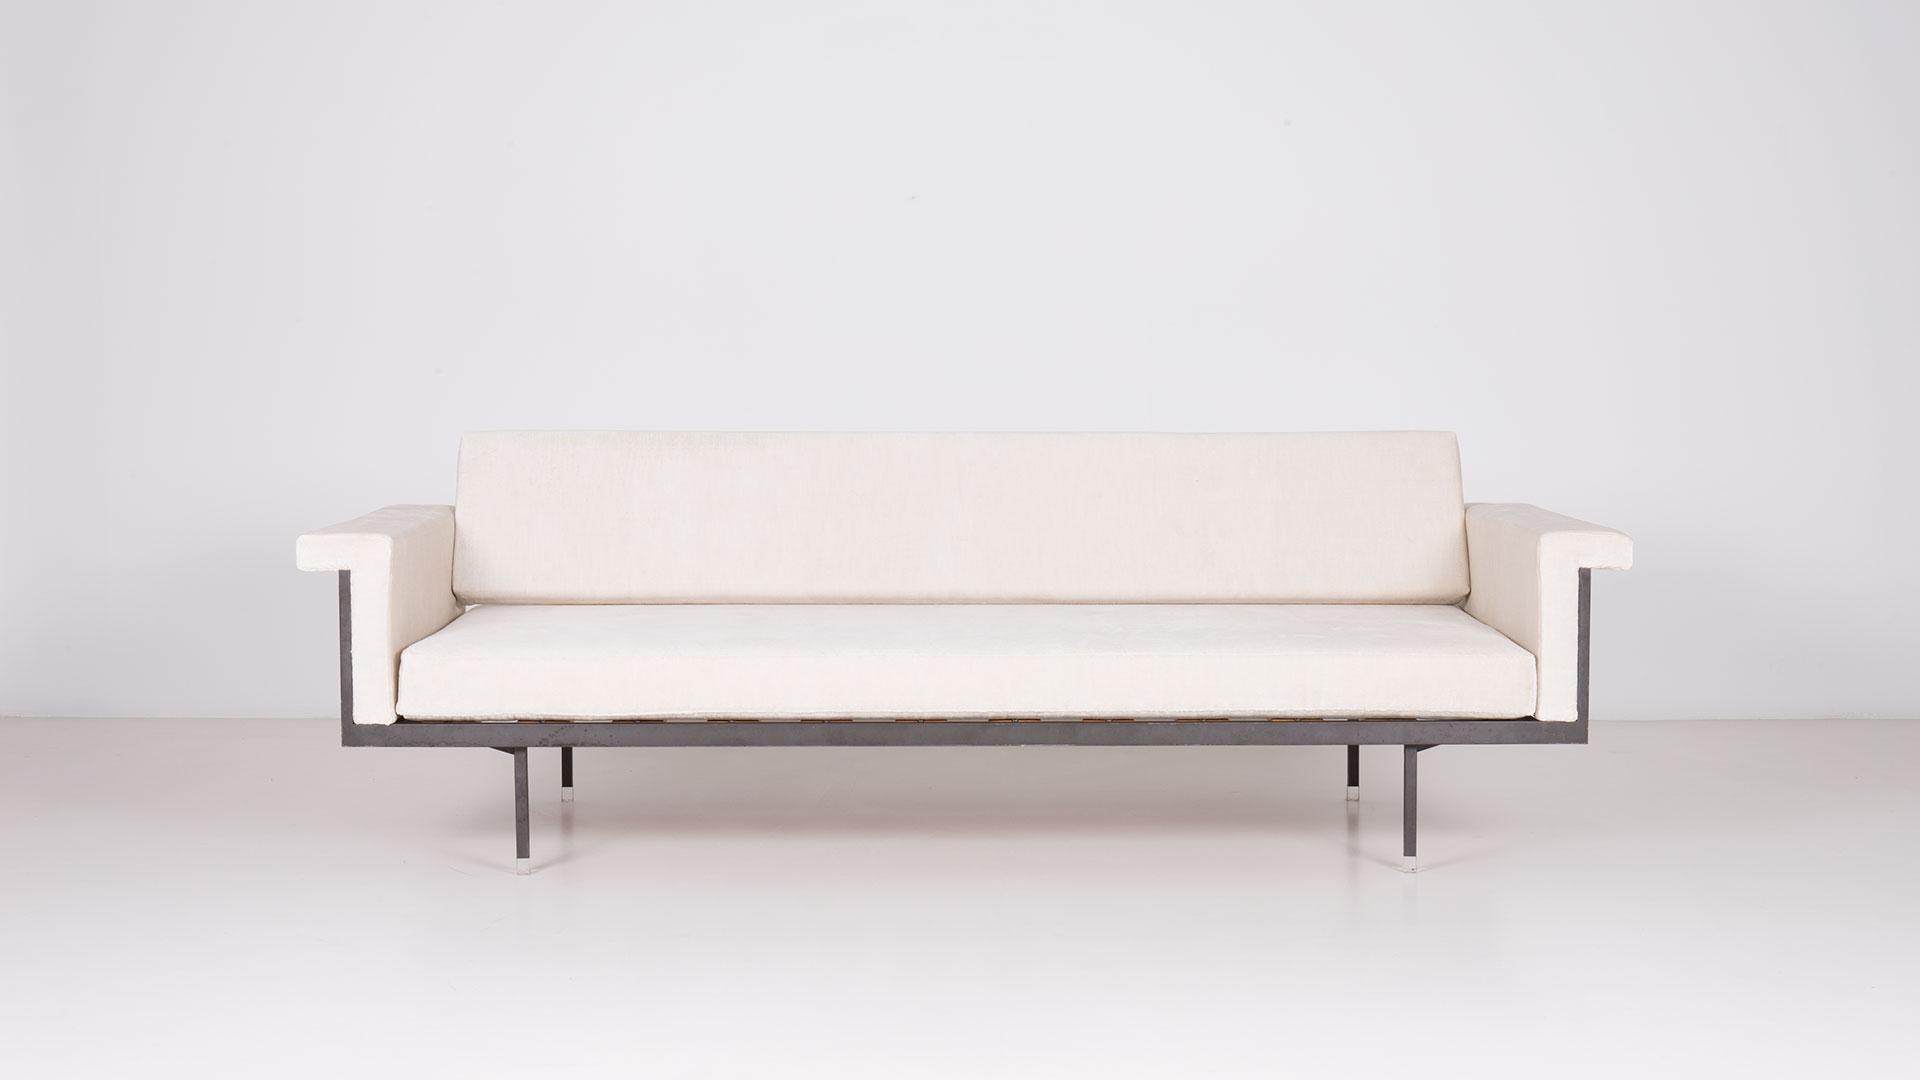 Naeko sofa daily bed by Kazuhide Takahama | Paradisoterrestre